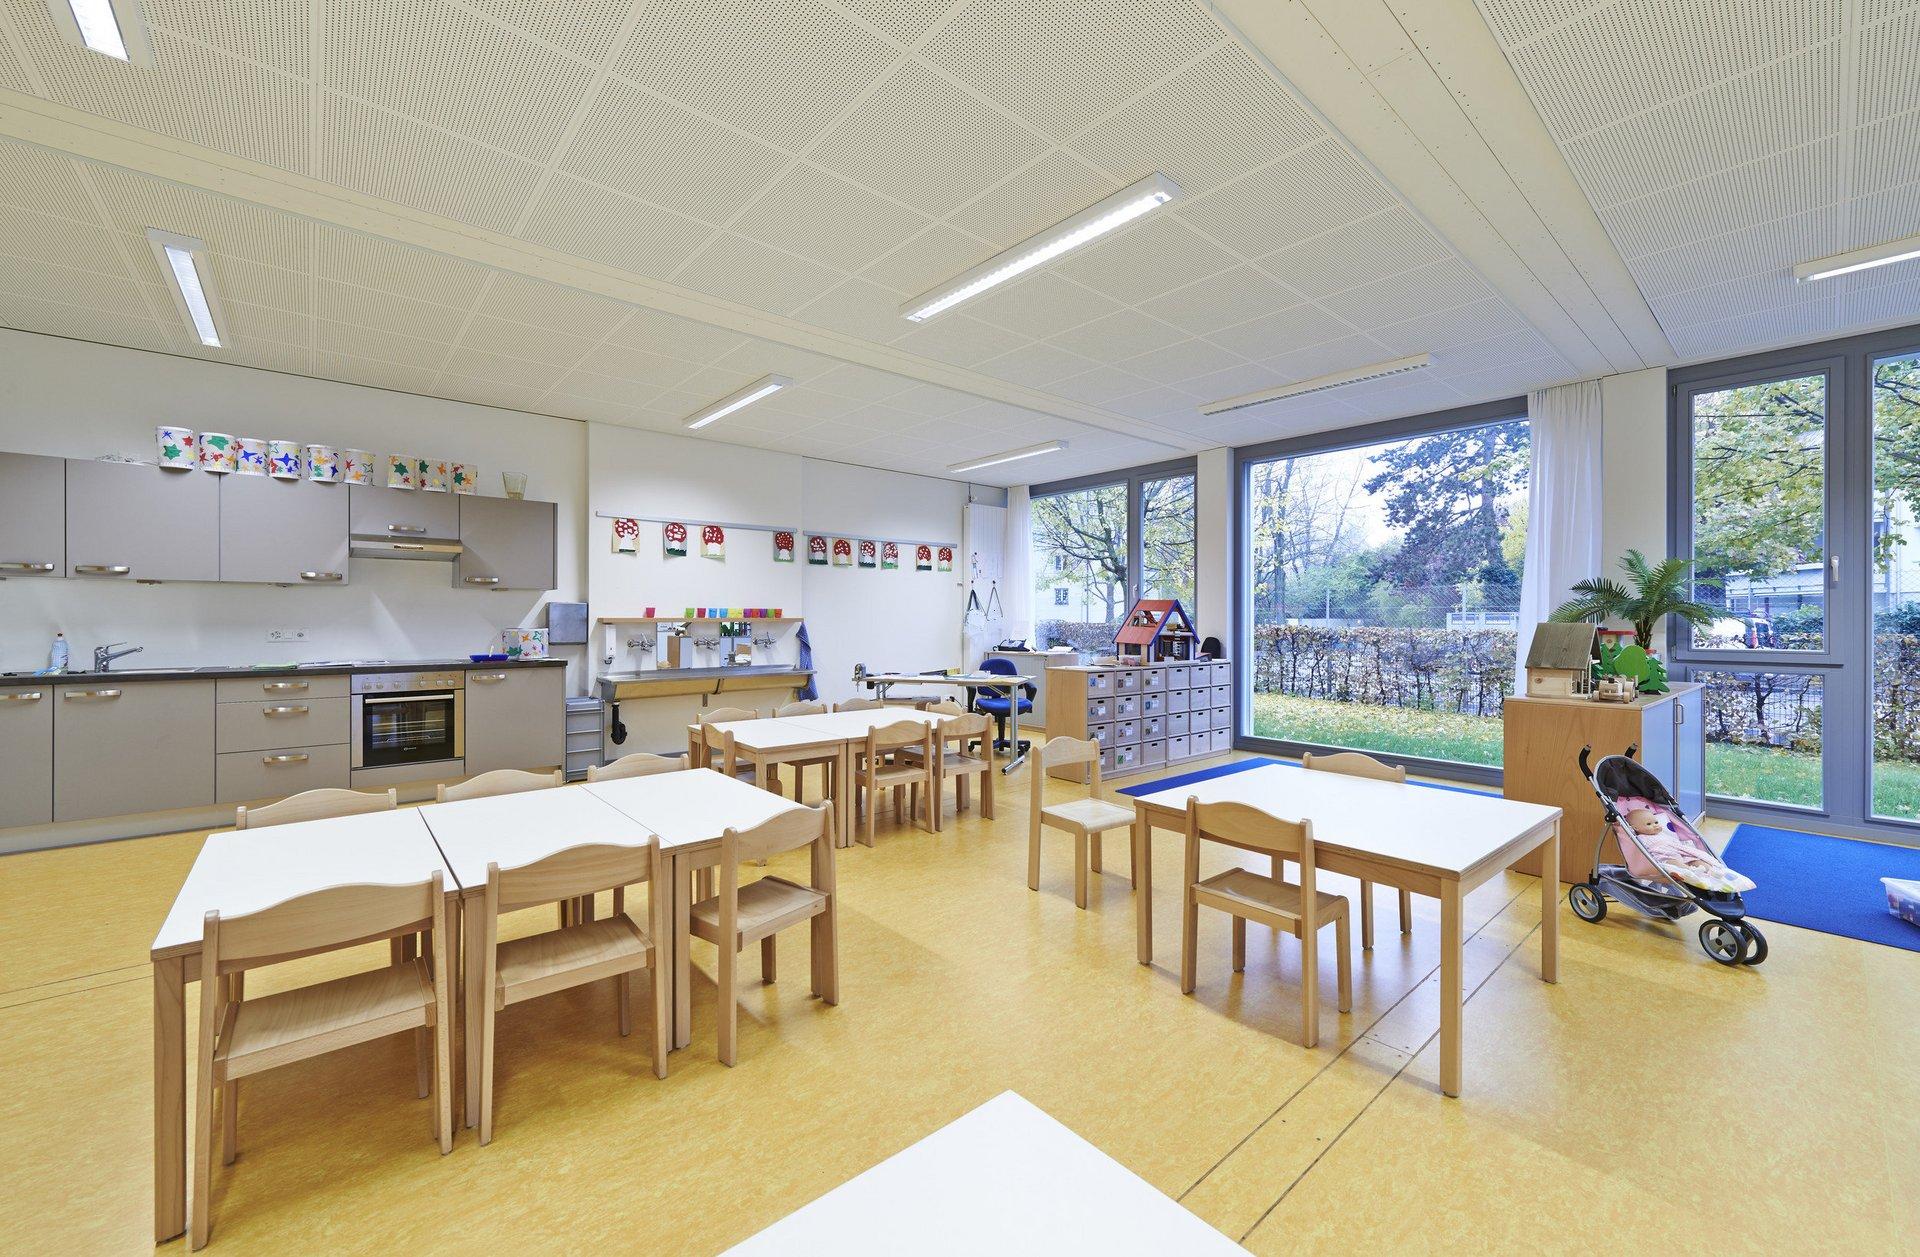 Sanitäre Anlagen Kindergarten in hellem Design